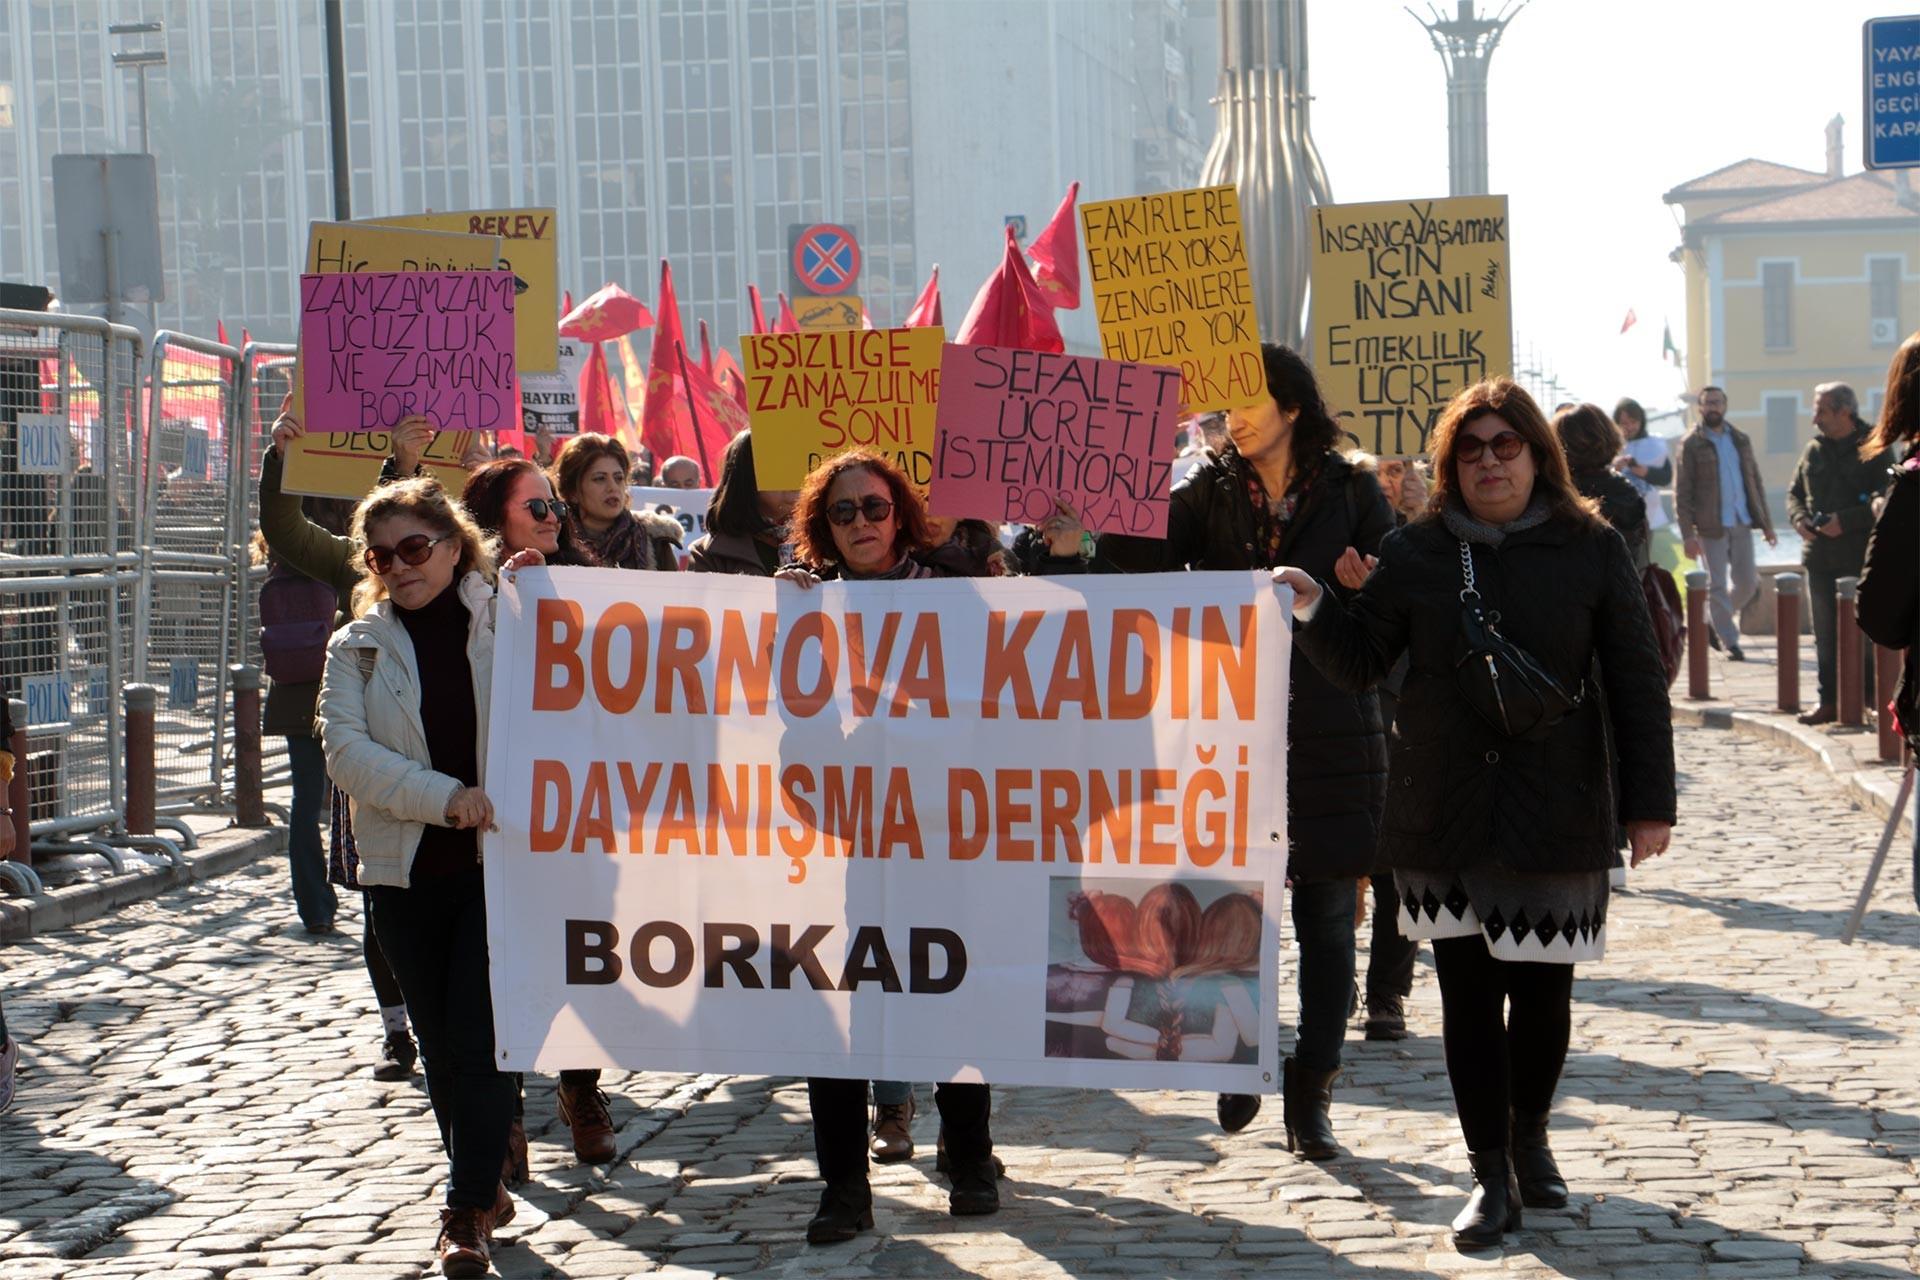 Bornova Kadın Dayanışma Derneği pankartı ve dövizleriyle taleplerini duyuran kadınlar